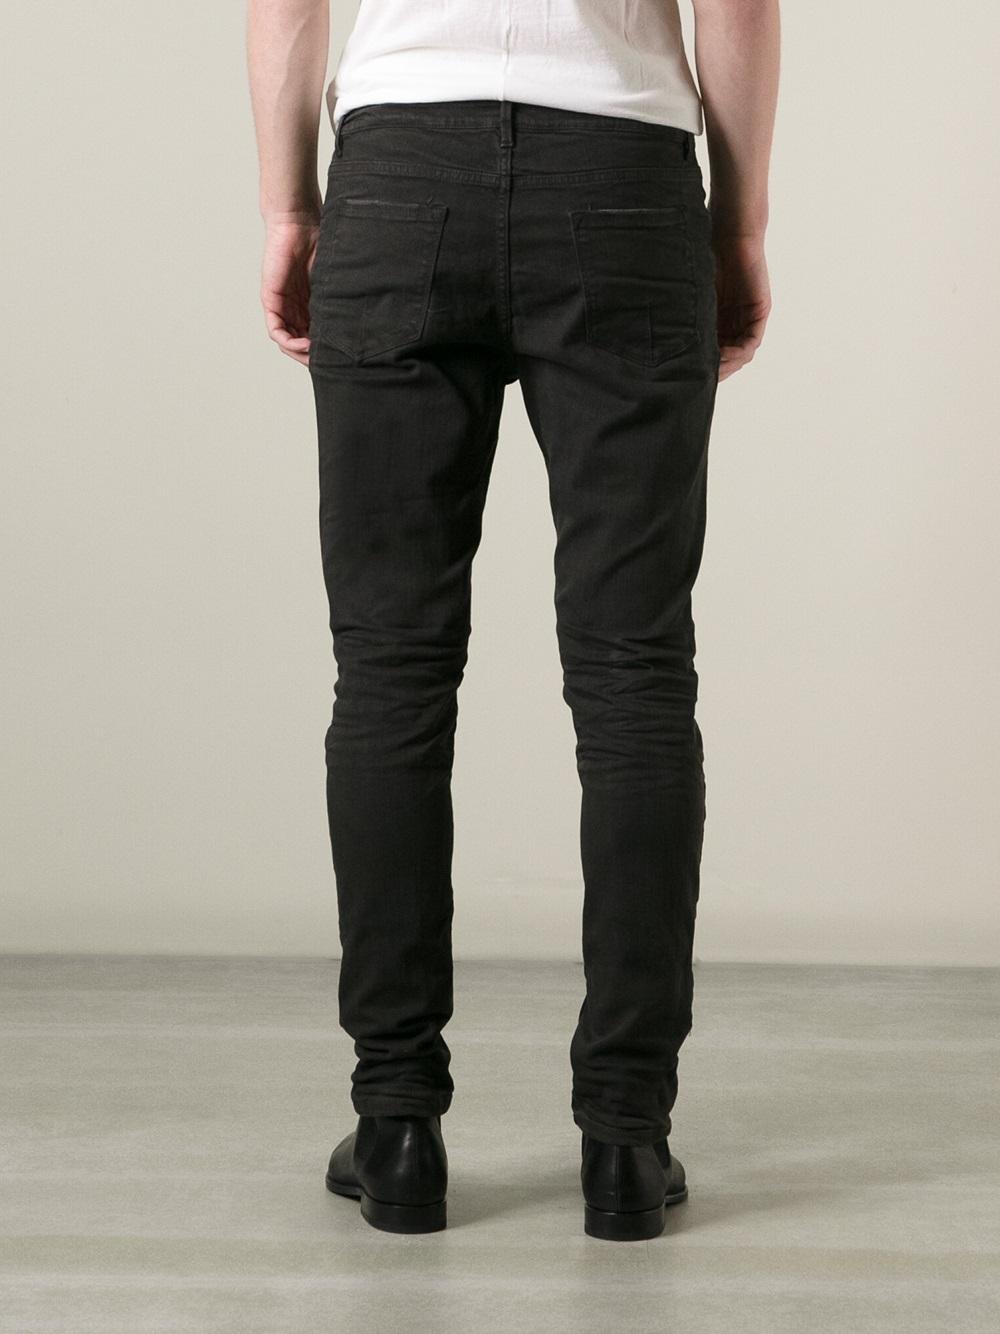 Poeme Bohemien Skinny Jeans in Black for Men